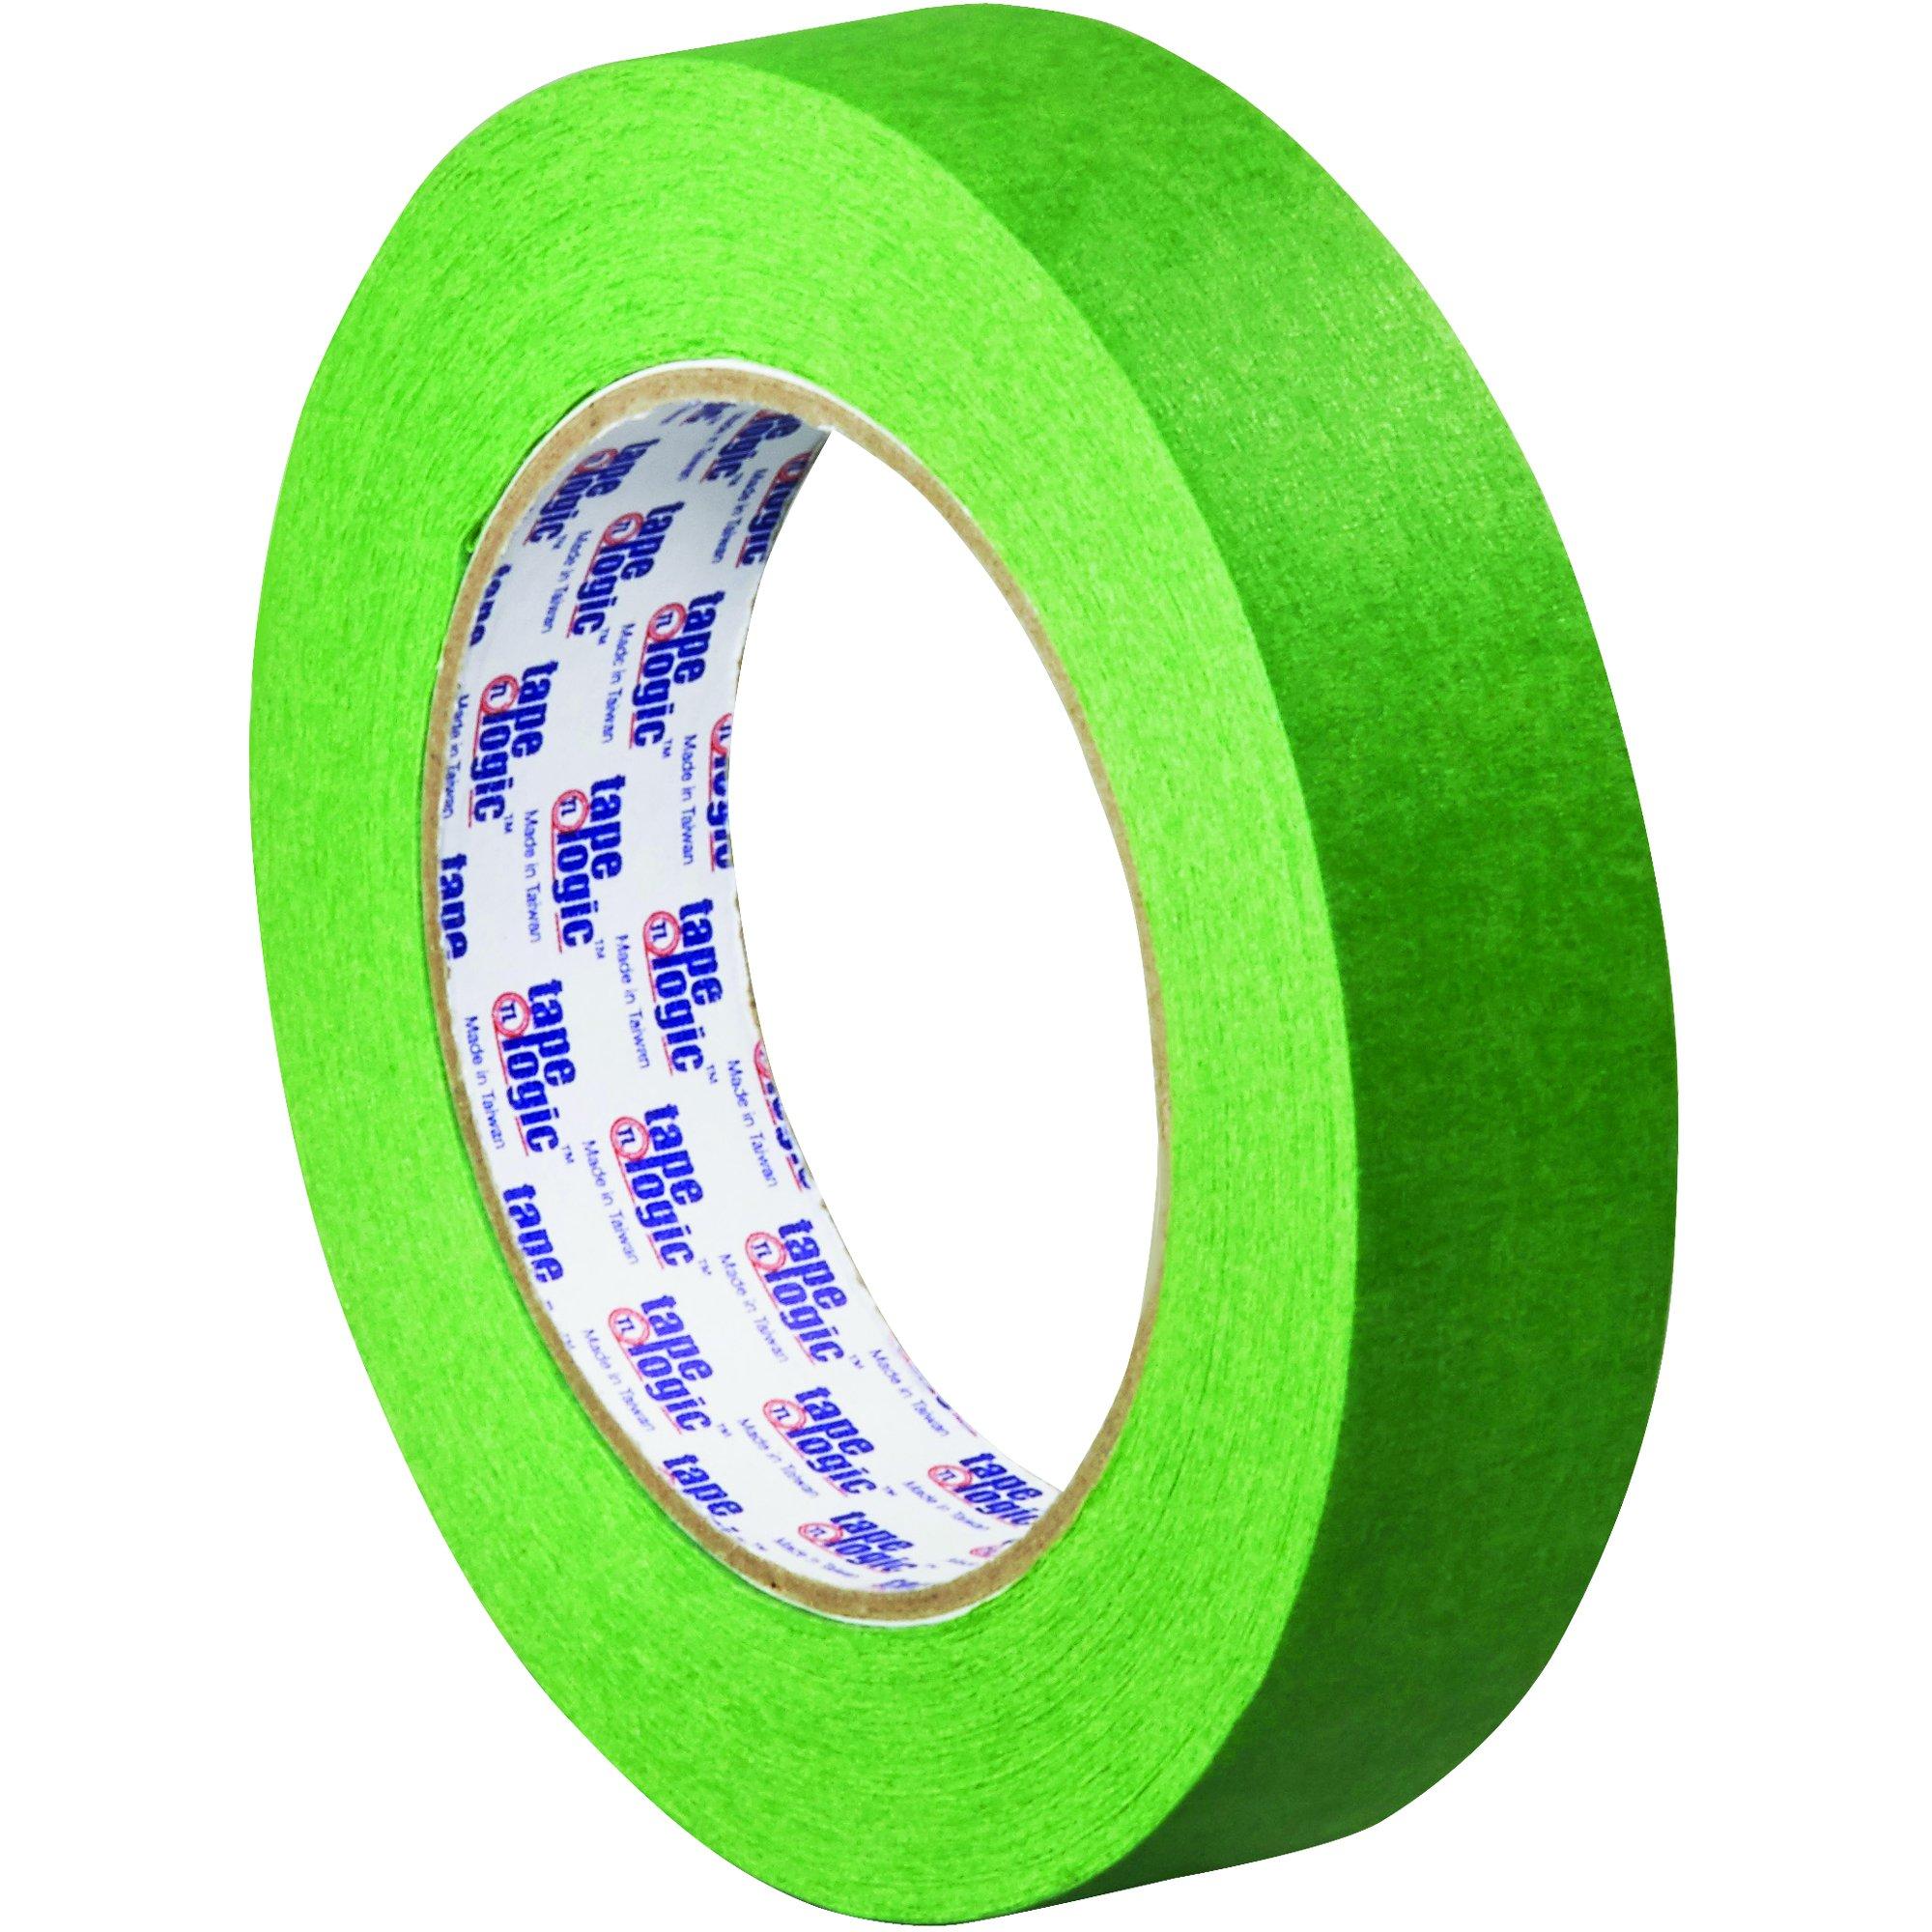 Tape Logic TLT935320012PK 3200 Painter's Tape, 5.0 Mil, 1'' x 60 yds, Green, 12/Case